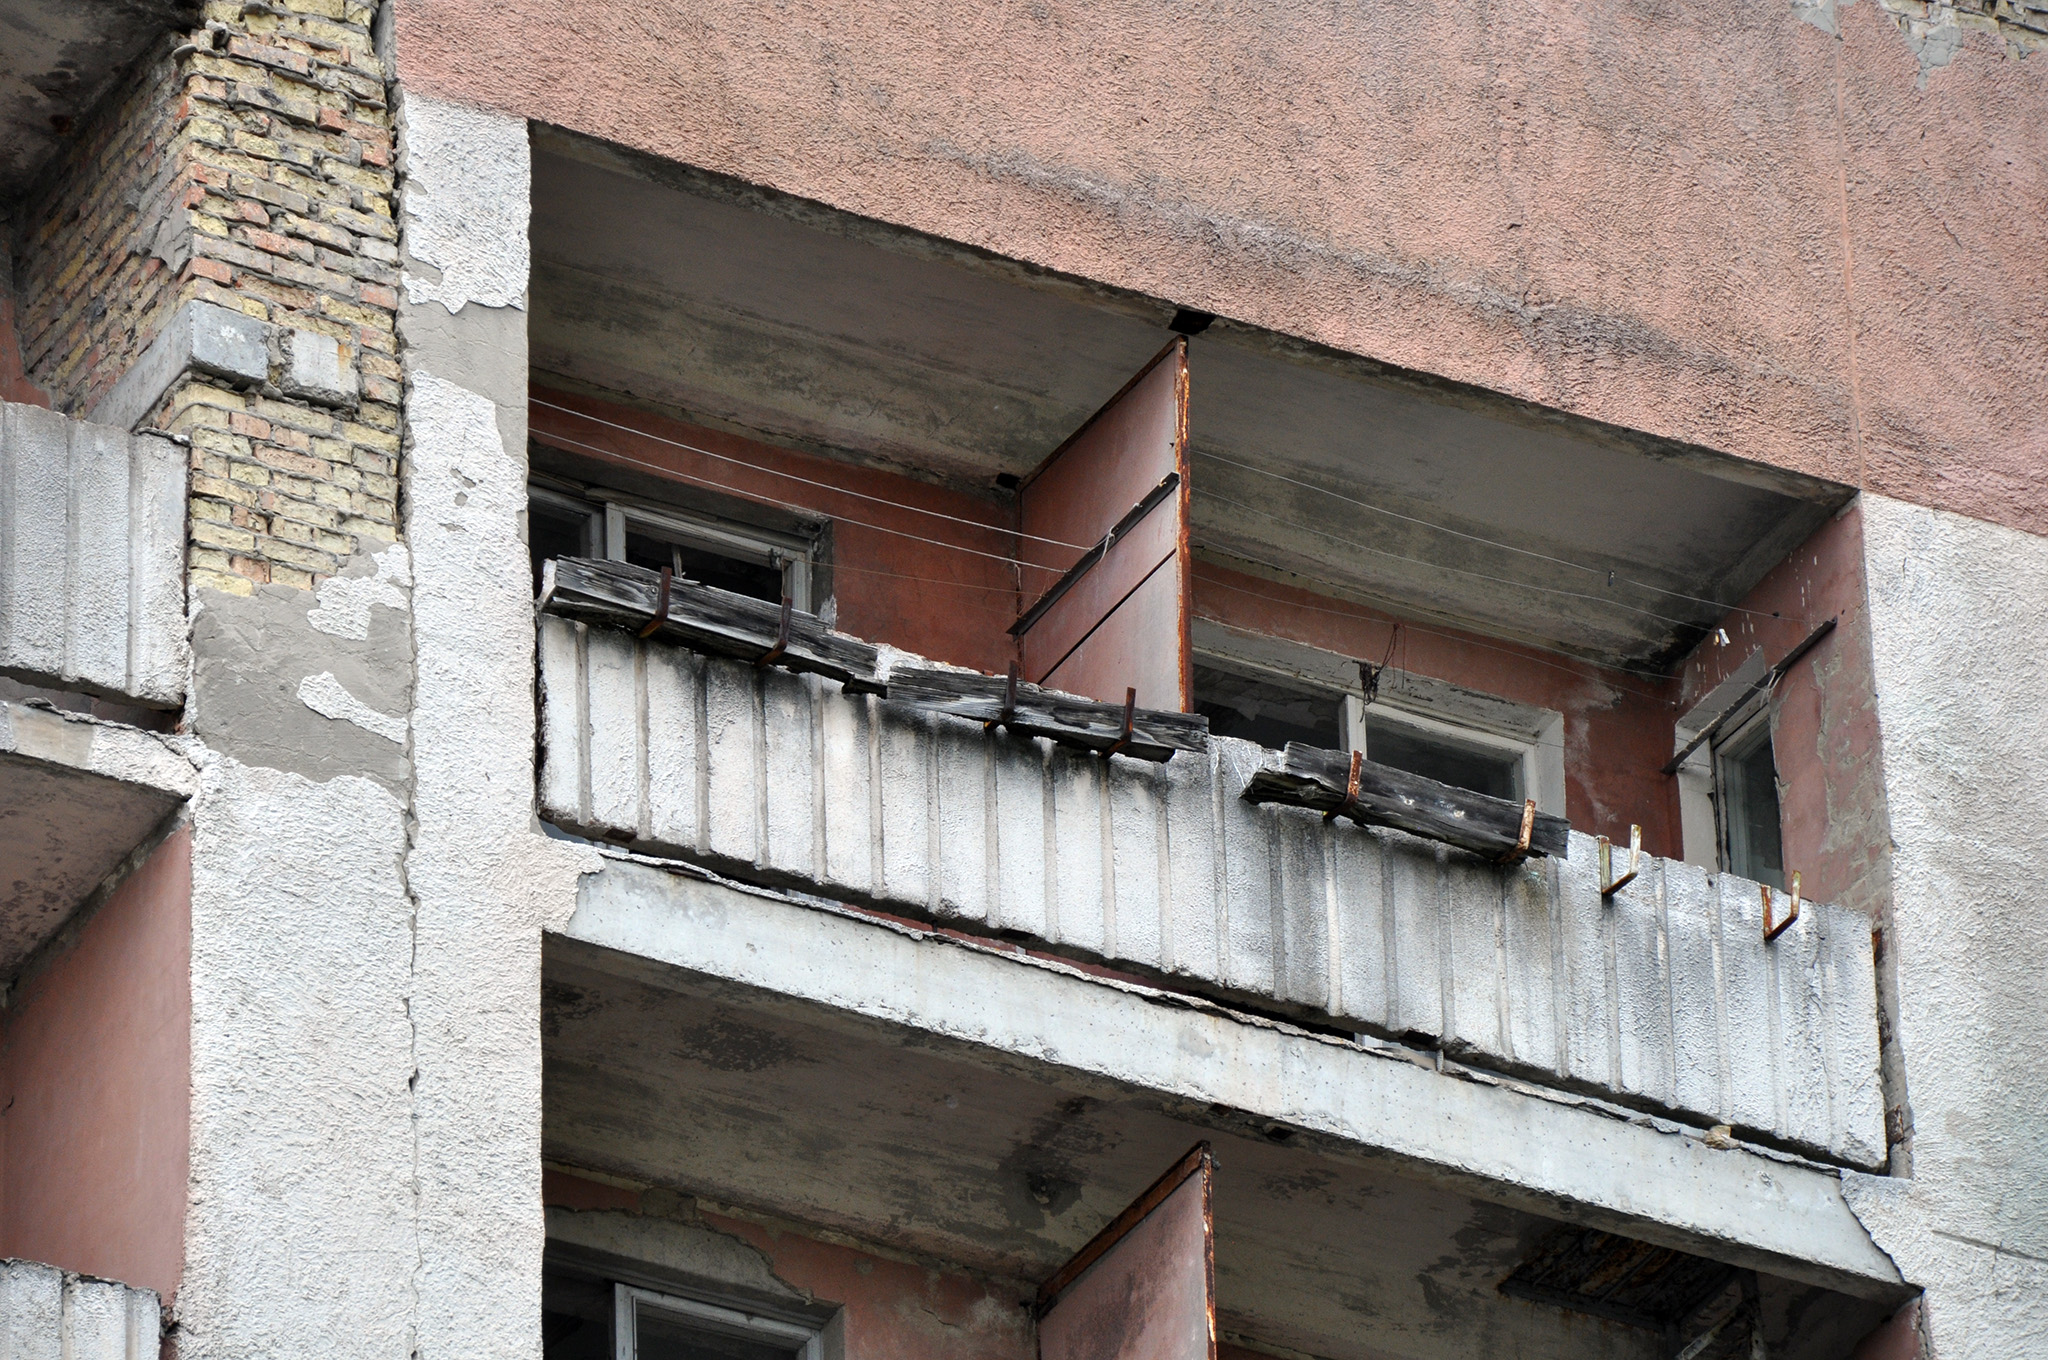 Visitar Chernóbil - Visitar Chernobyl Ucrania Ukraine Pripyat visitar chernóbil - 47045824054 639602c0e3 o - Visitar Chernóbil: el lugar más contaminado del planeta